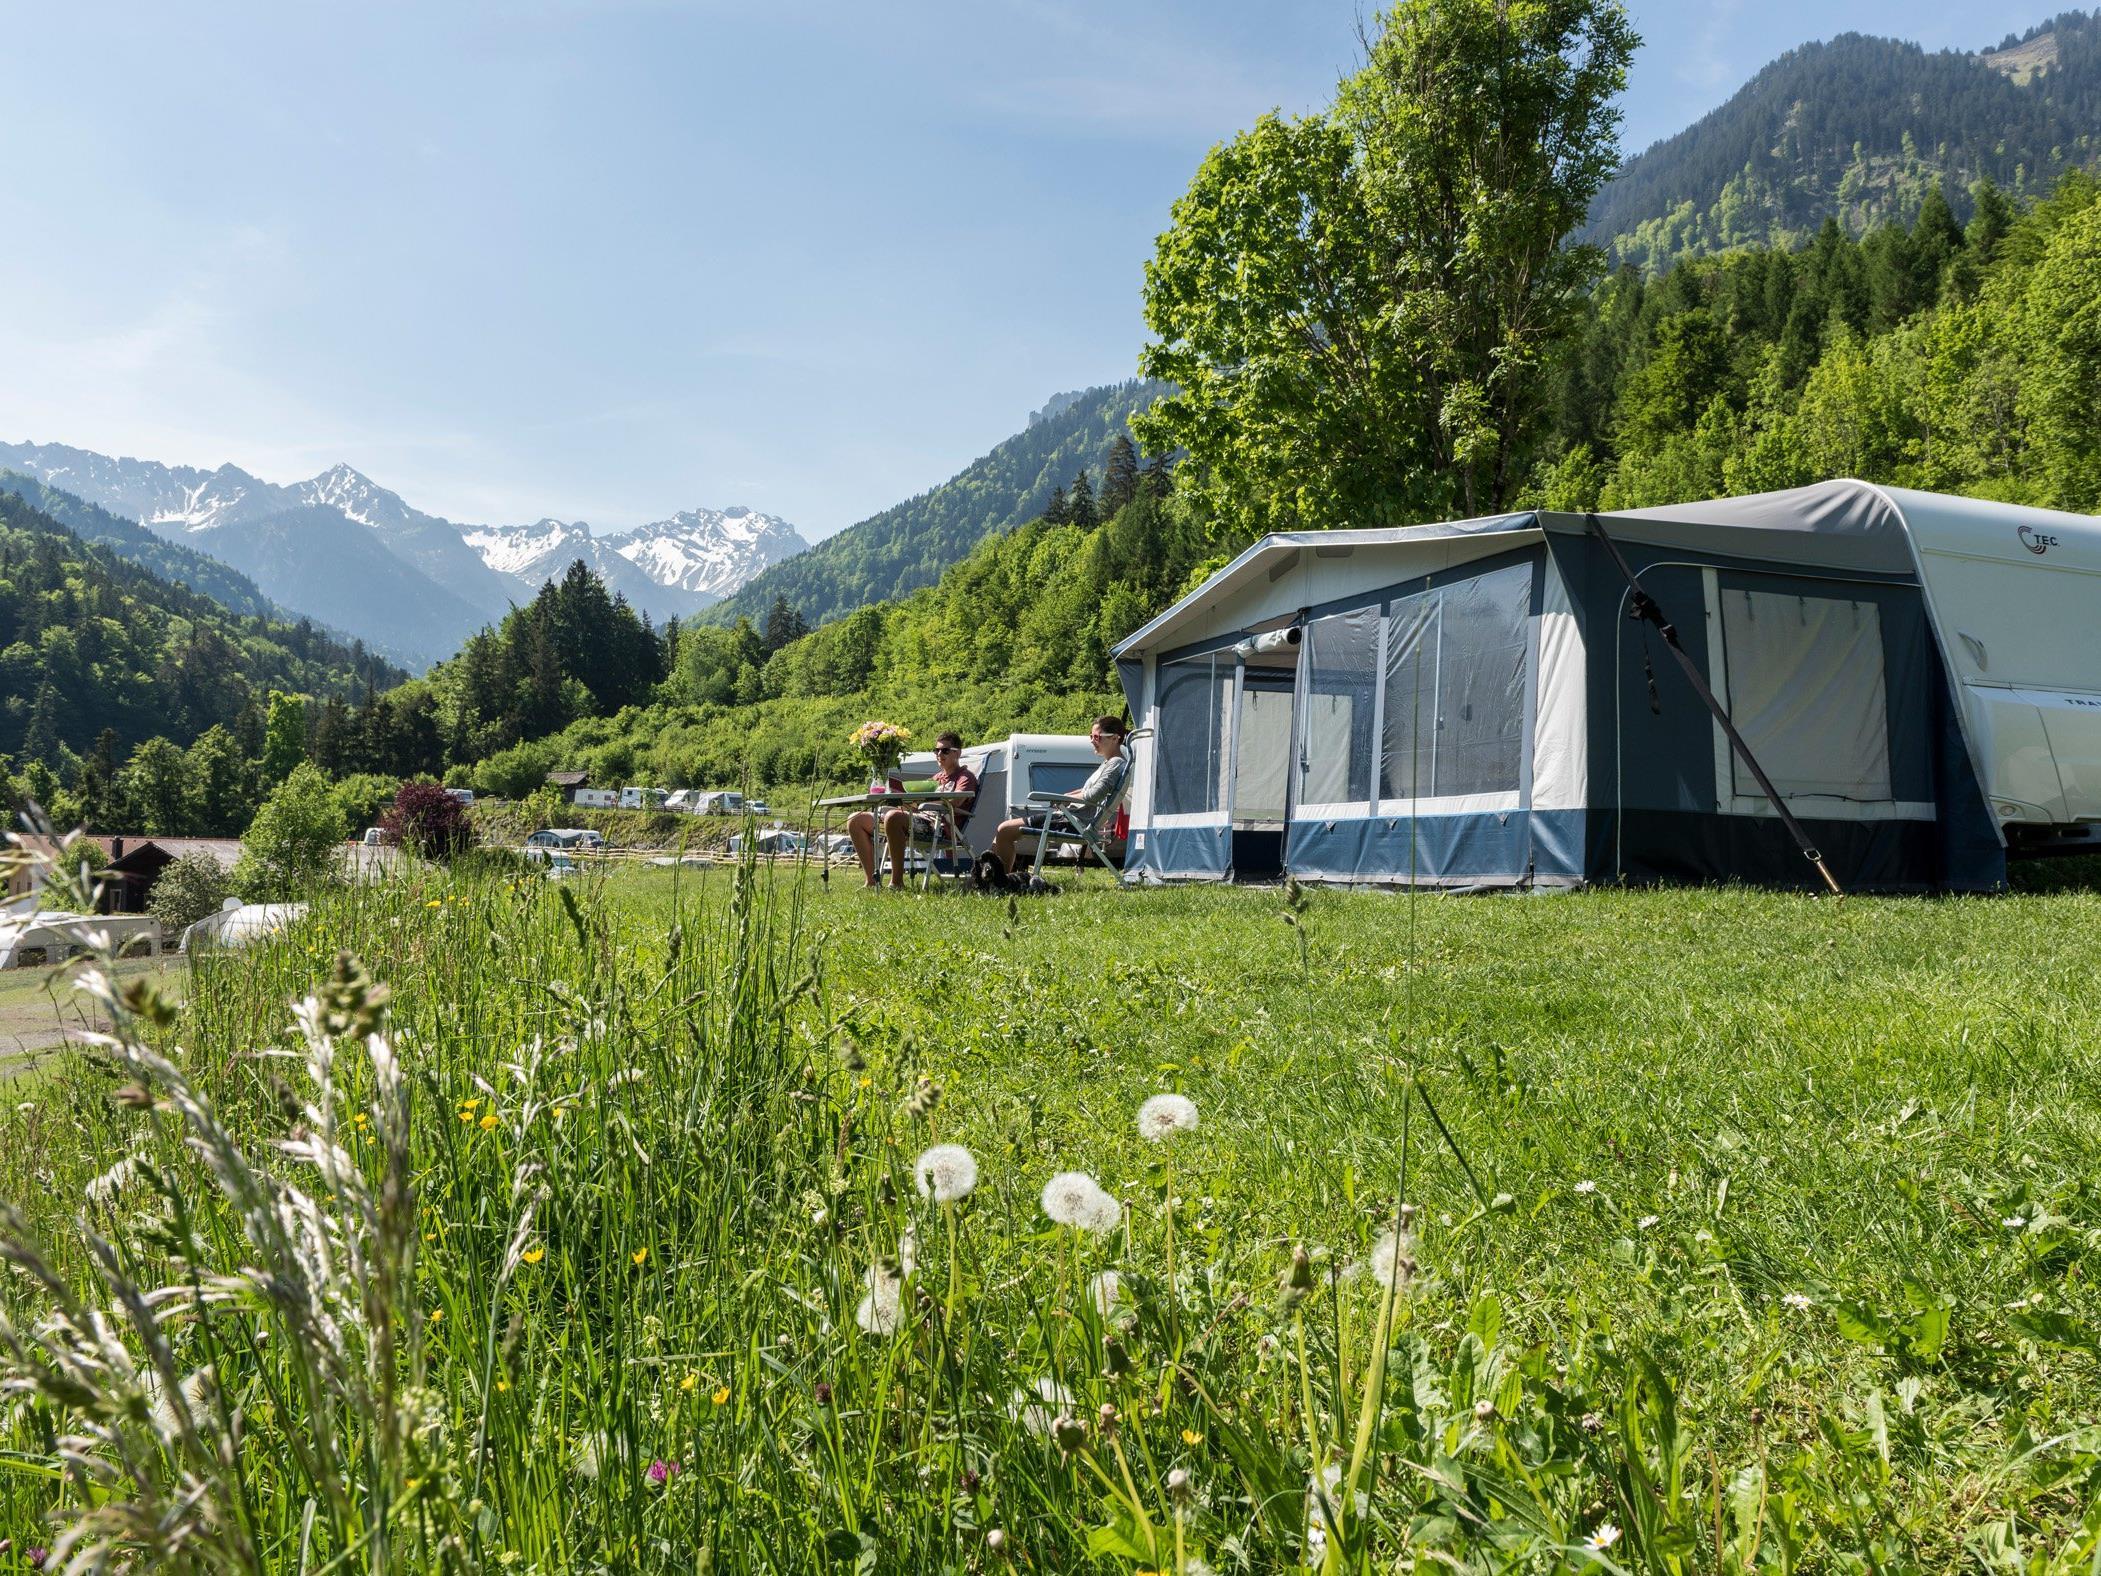 Campen in Vorarlberg wir immer beliebter. Bester Campingplatz im Ländle ist laut dem Europa Top 100 Ranking das Alpencamping in Nenzing.